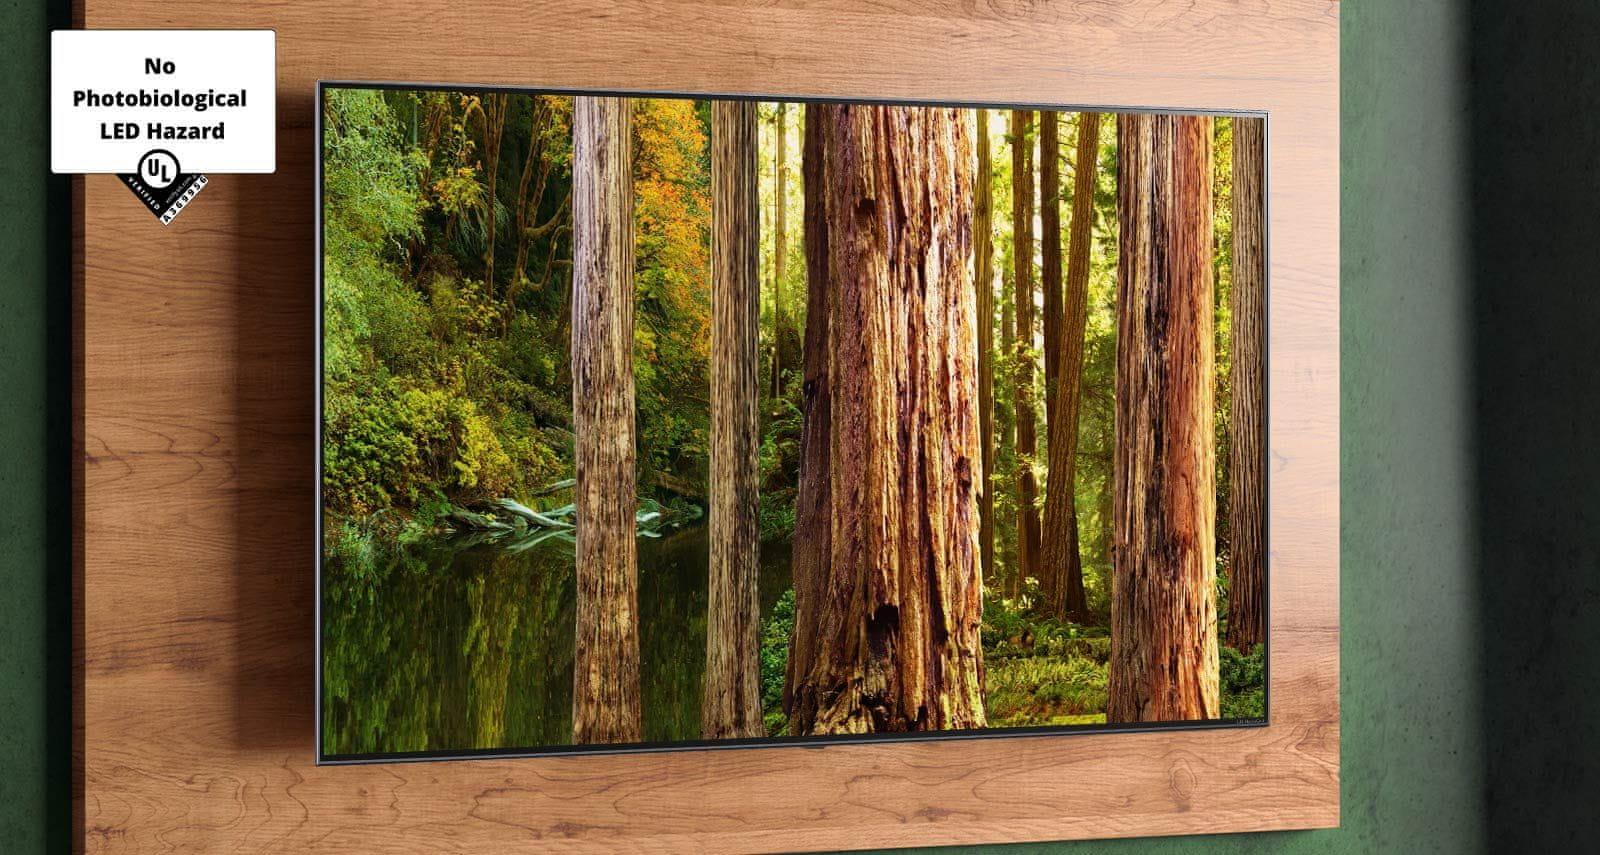 LG TV televízia NANOCELL 4K 2021 šetrný pre zrak modré svetlo životné prostredie bezpečný